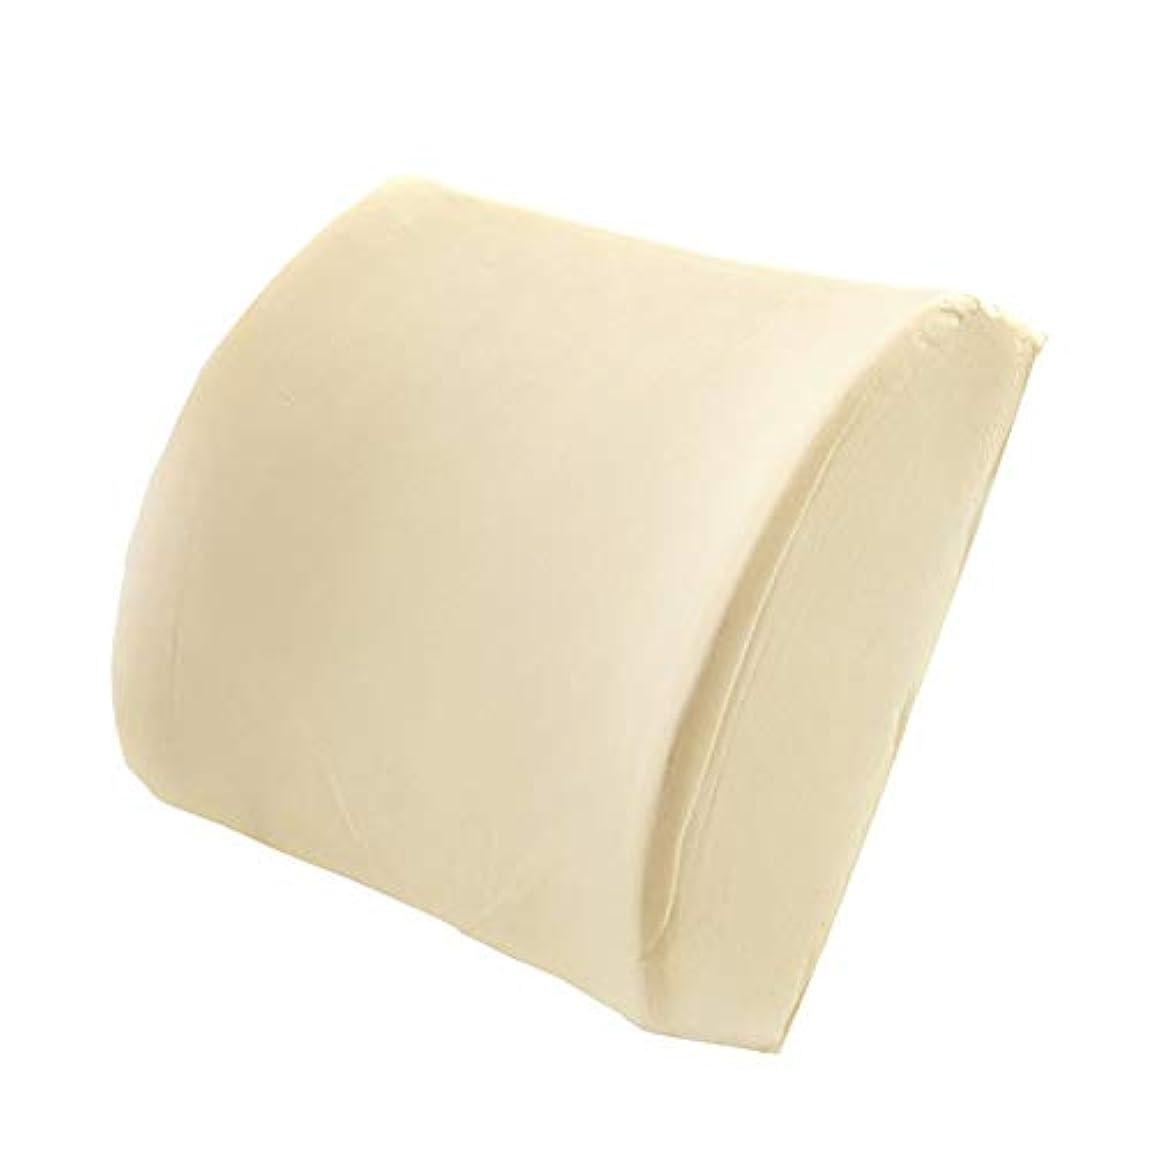 被るラオス人エンジンサポート腰椎枕スペースメモリ綿腰椎腰肥厚オフィスクッションカーウエスト枕